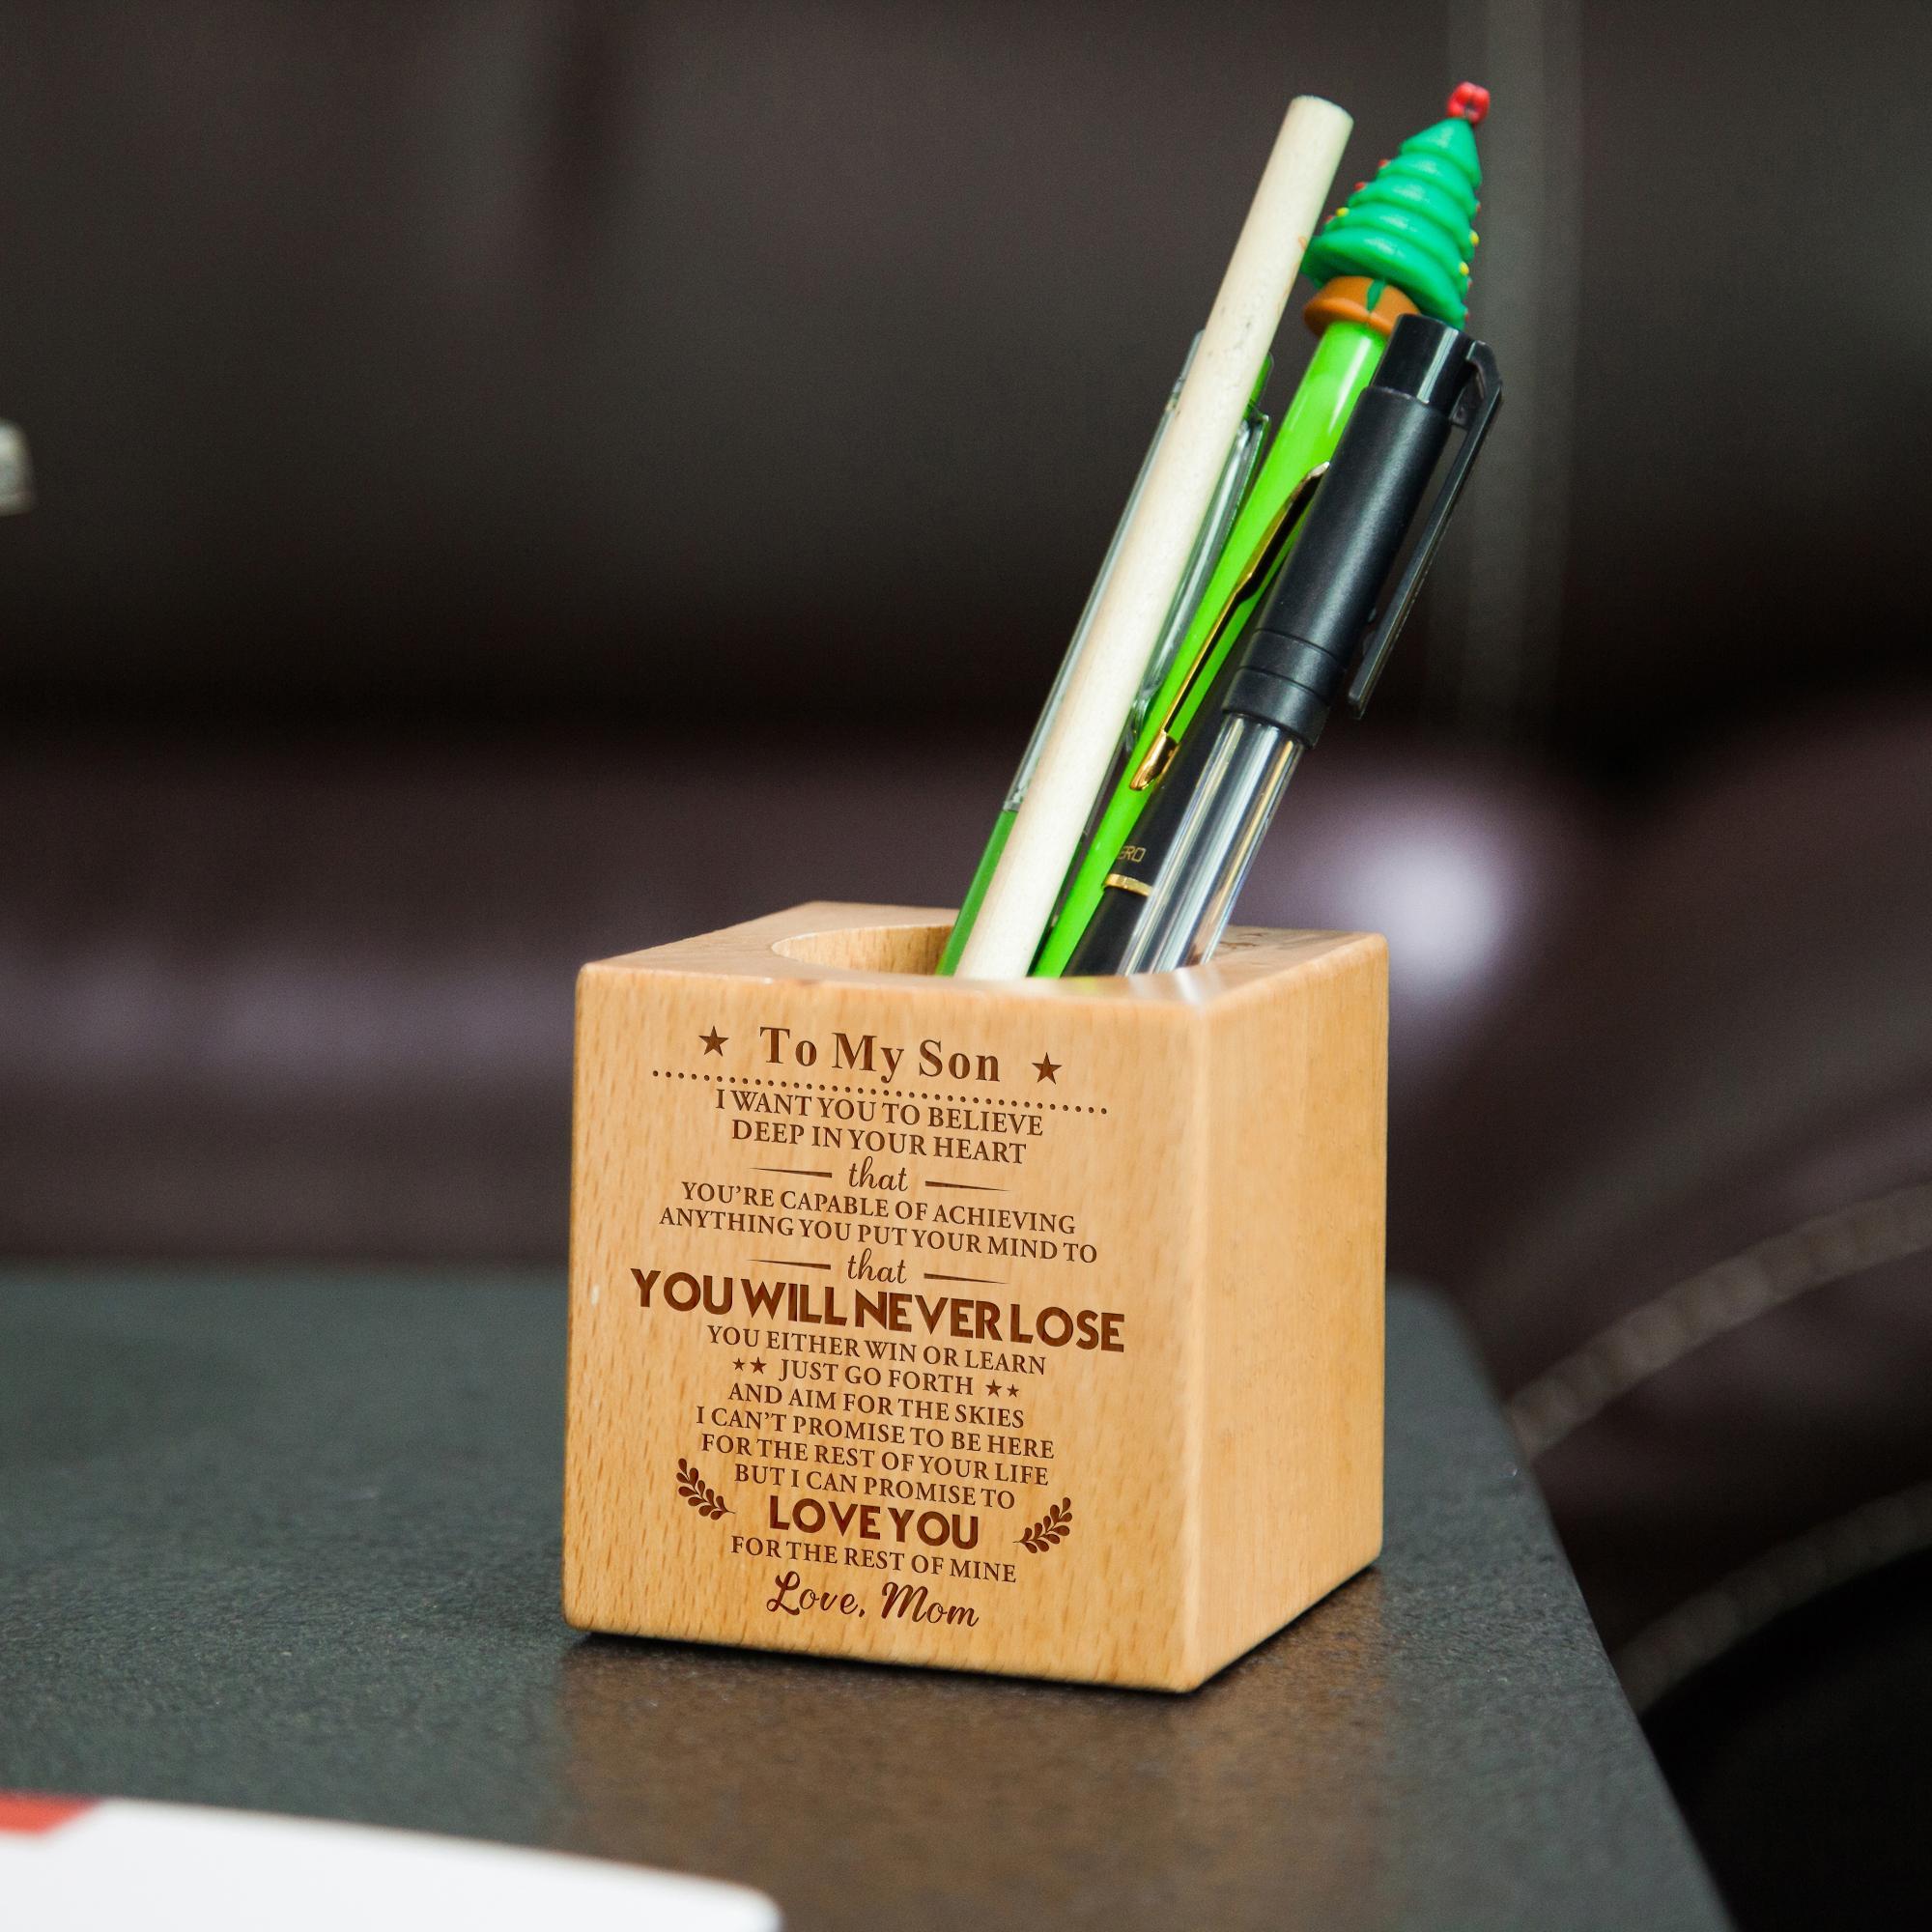 다기능 크리 에이 티브 나무 만든 책상 편지지 주최자 펜 연필 홀더 스토리지 박스 케이스 광장 Conta 조각 아들에 엄마